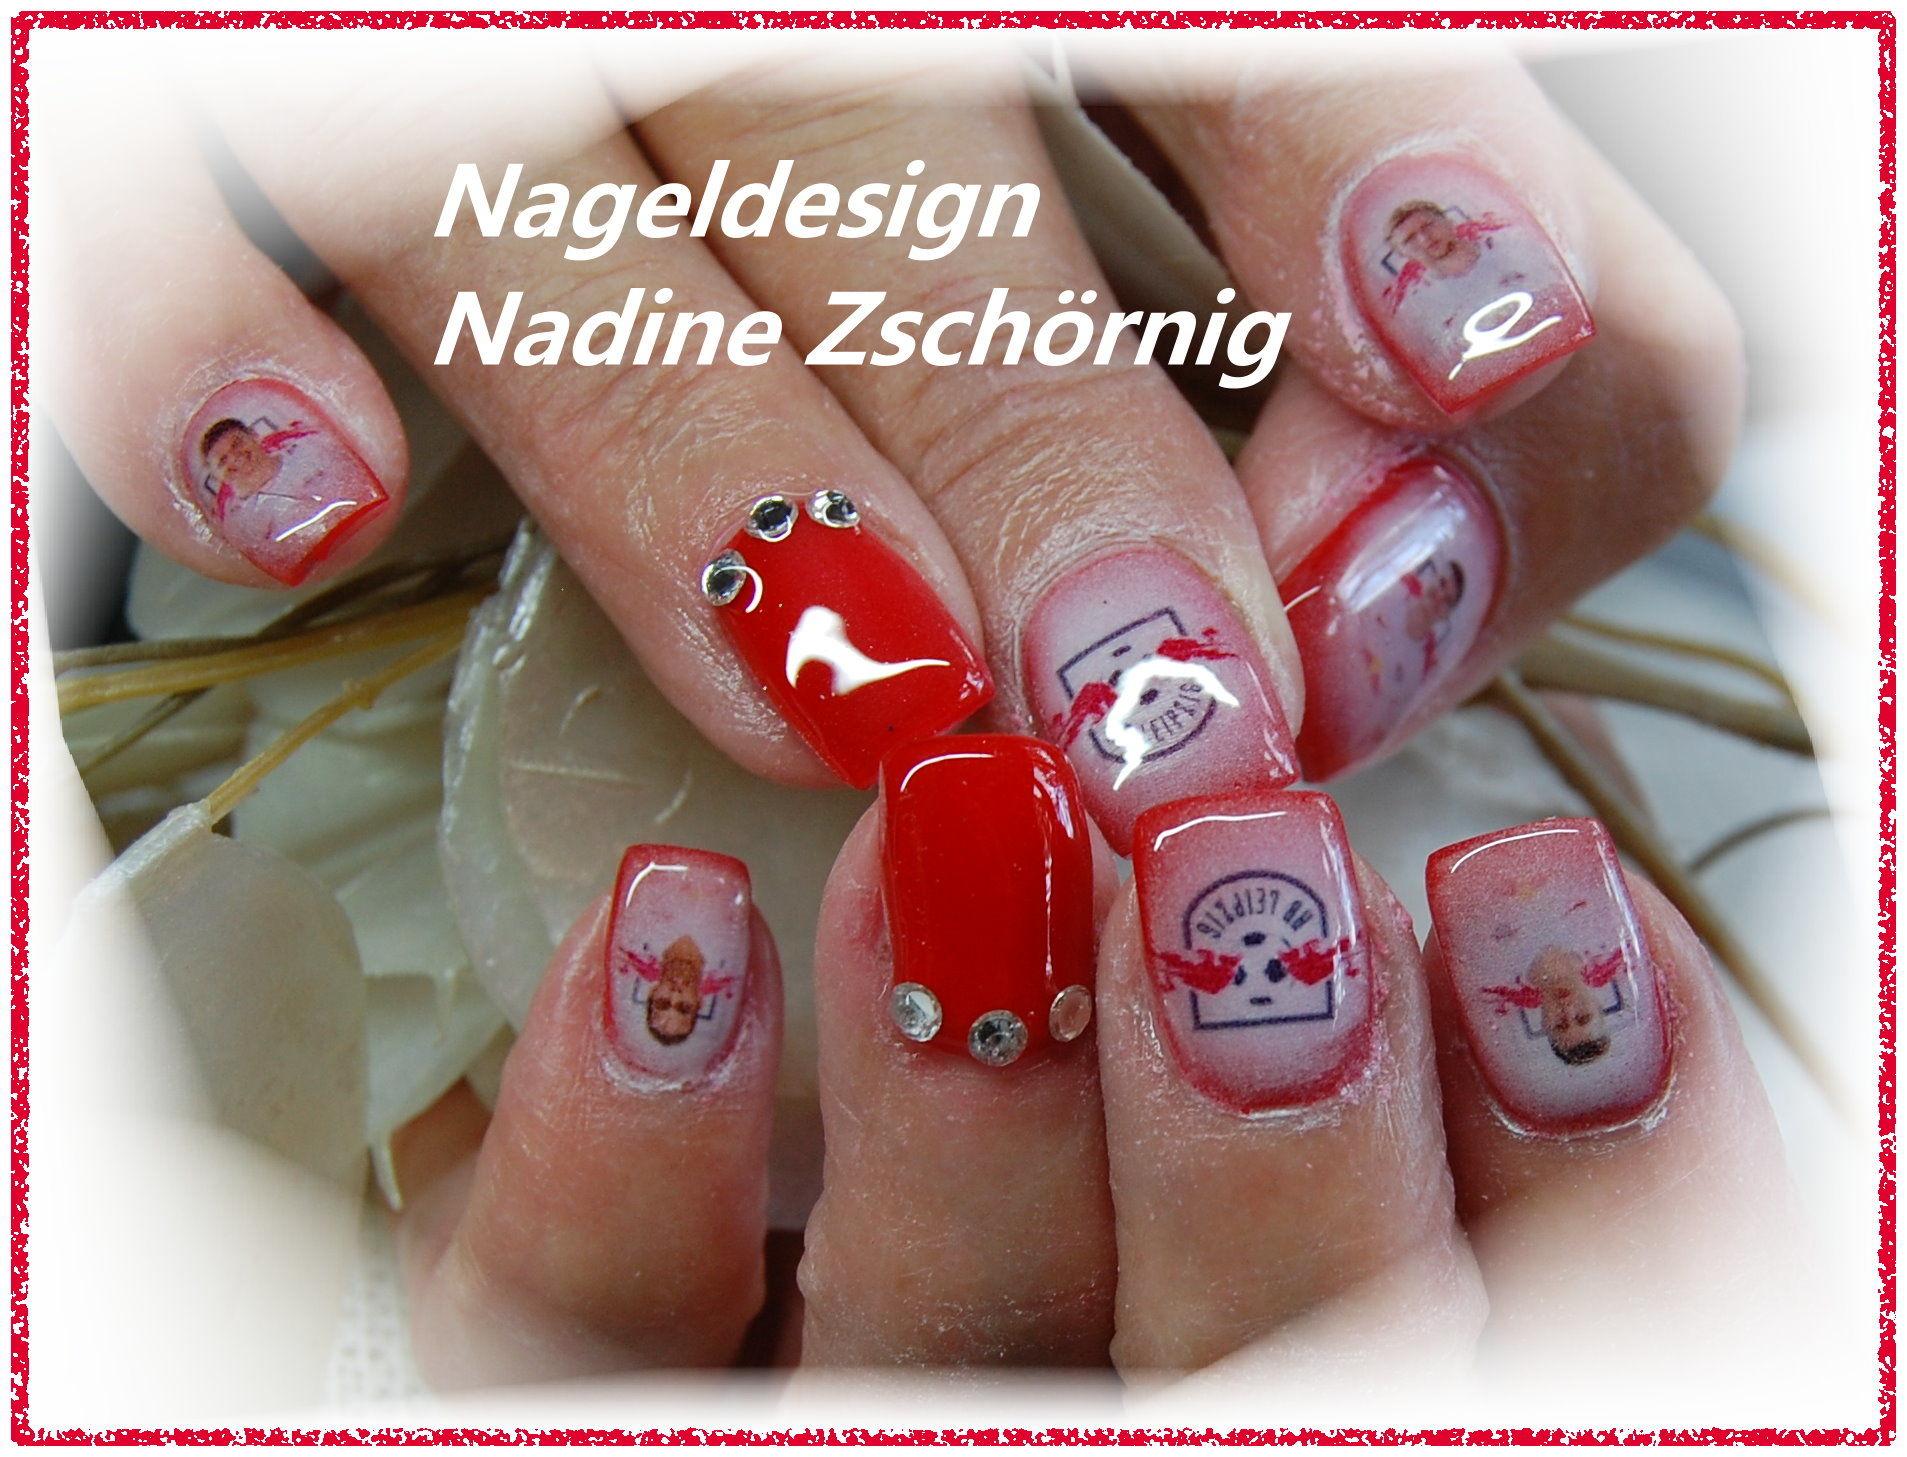 Nageldesign Nadine Zschornig